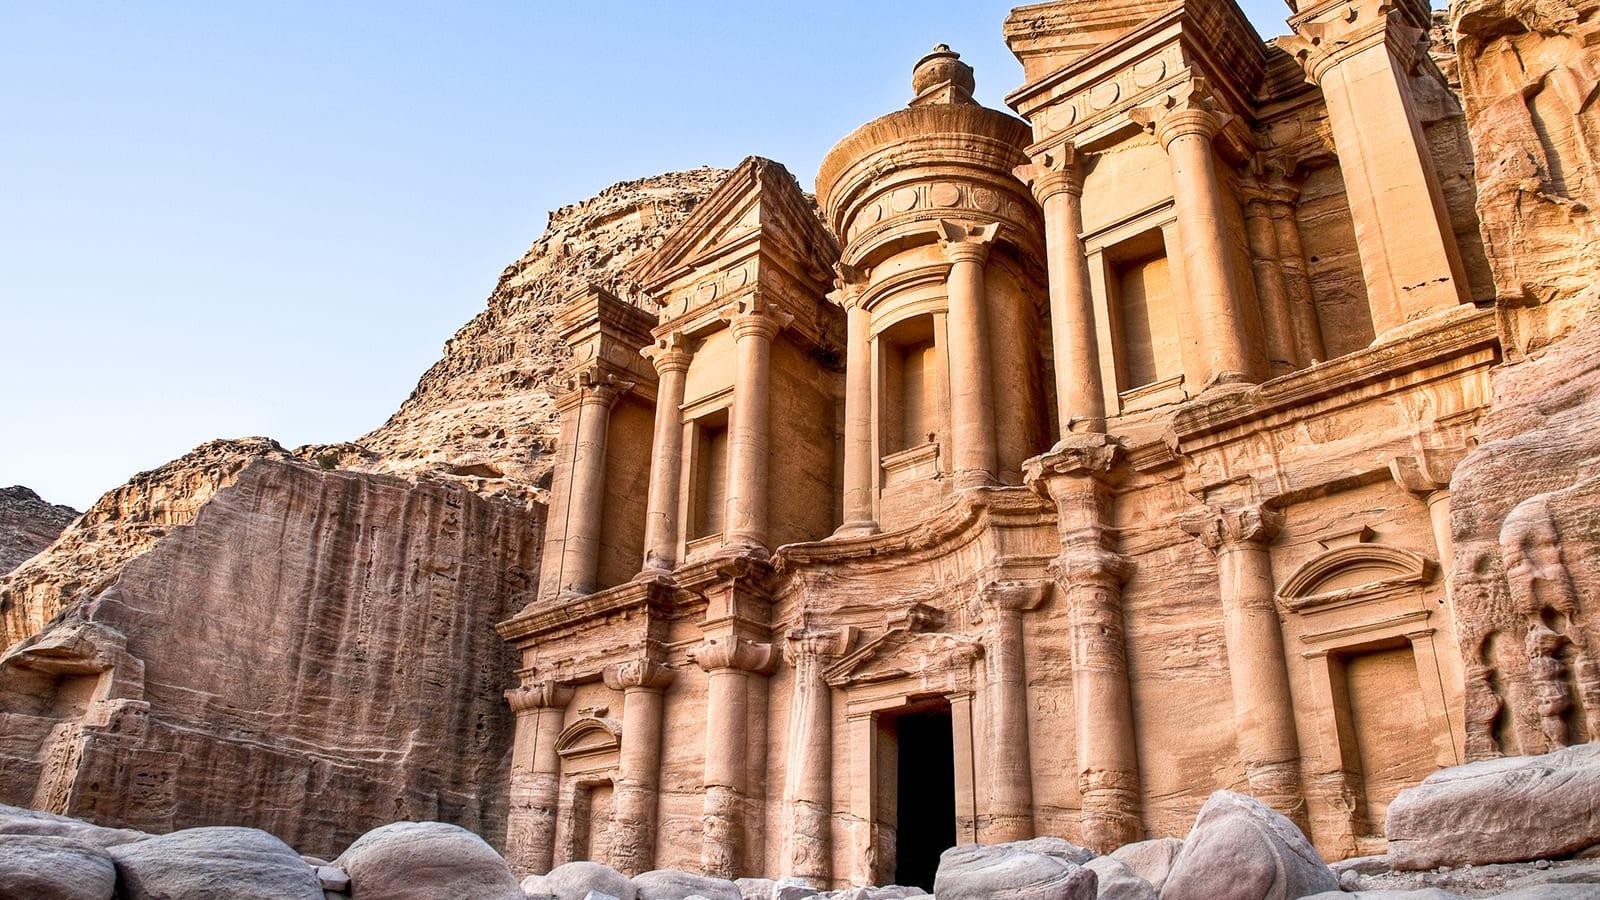 """تتصدرها وجهة عربية.. """"لونلي بلانيت"""" تعلن عن أفضل 10 وجهات سفر في قائمة جديدة"""